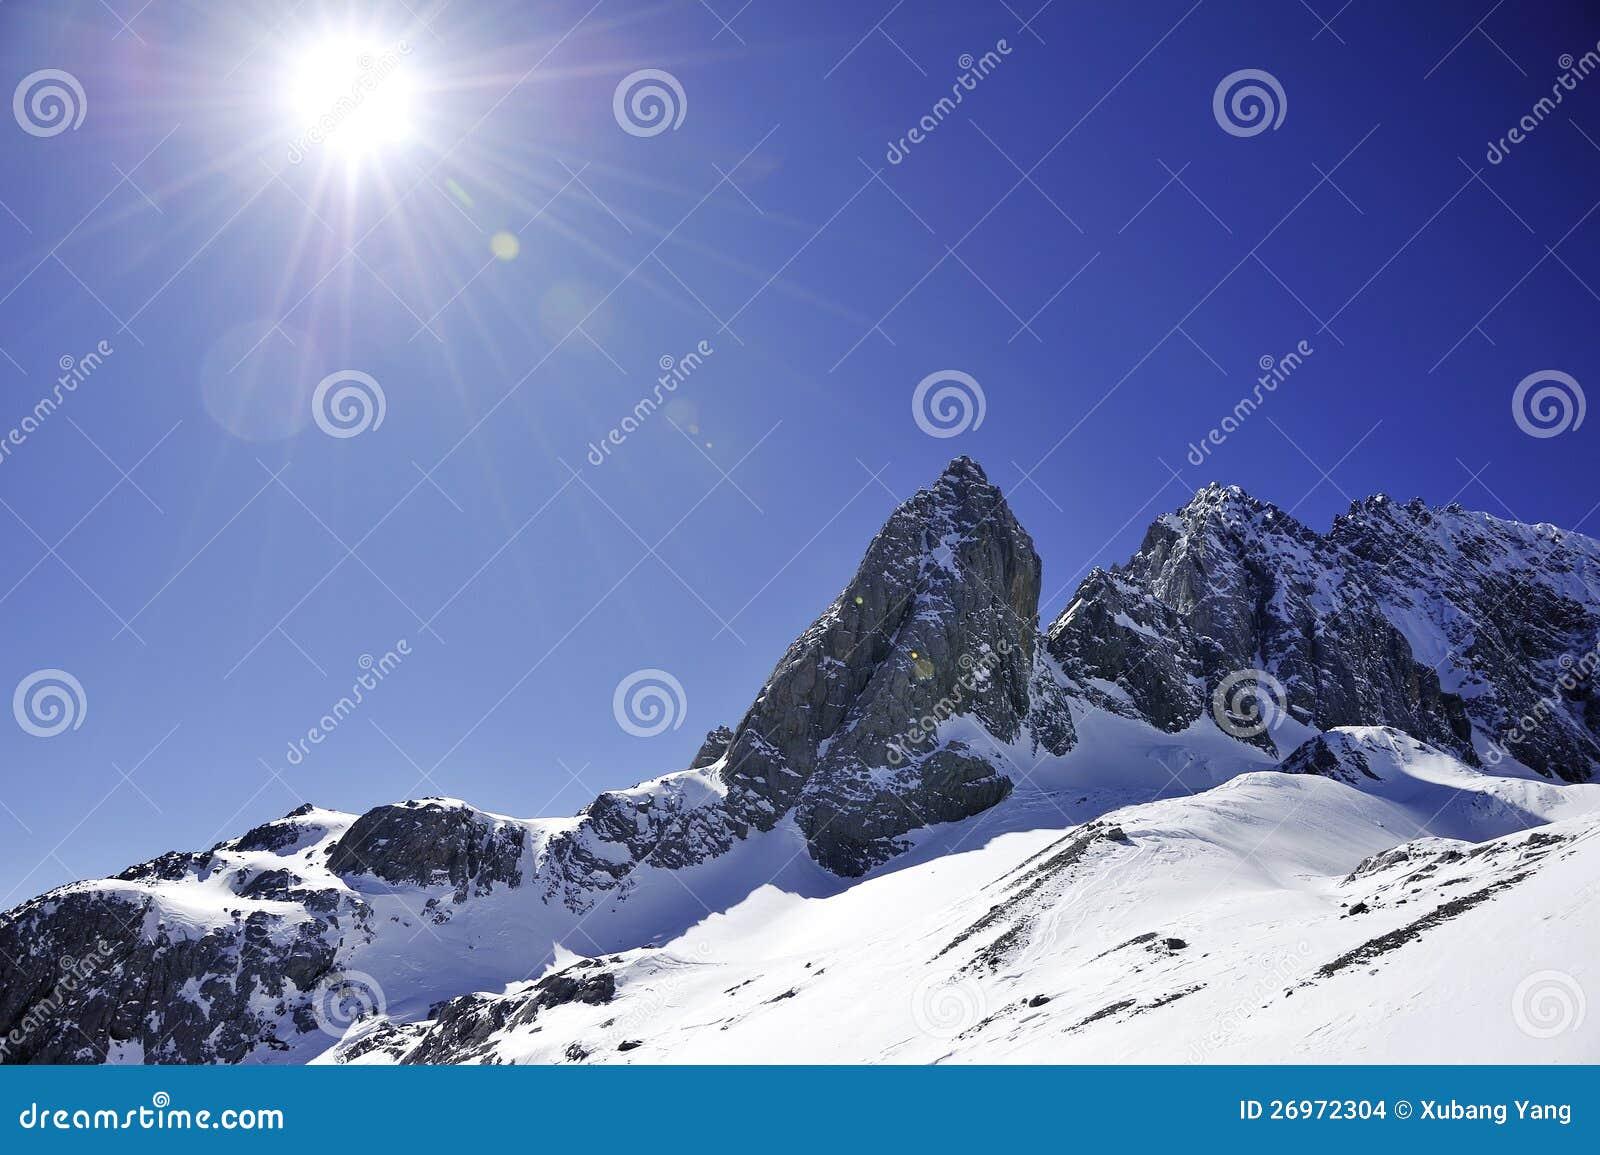 De berg van de sneeuw met zonnige hemel